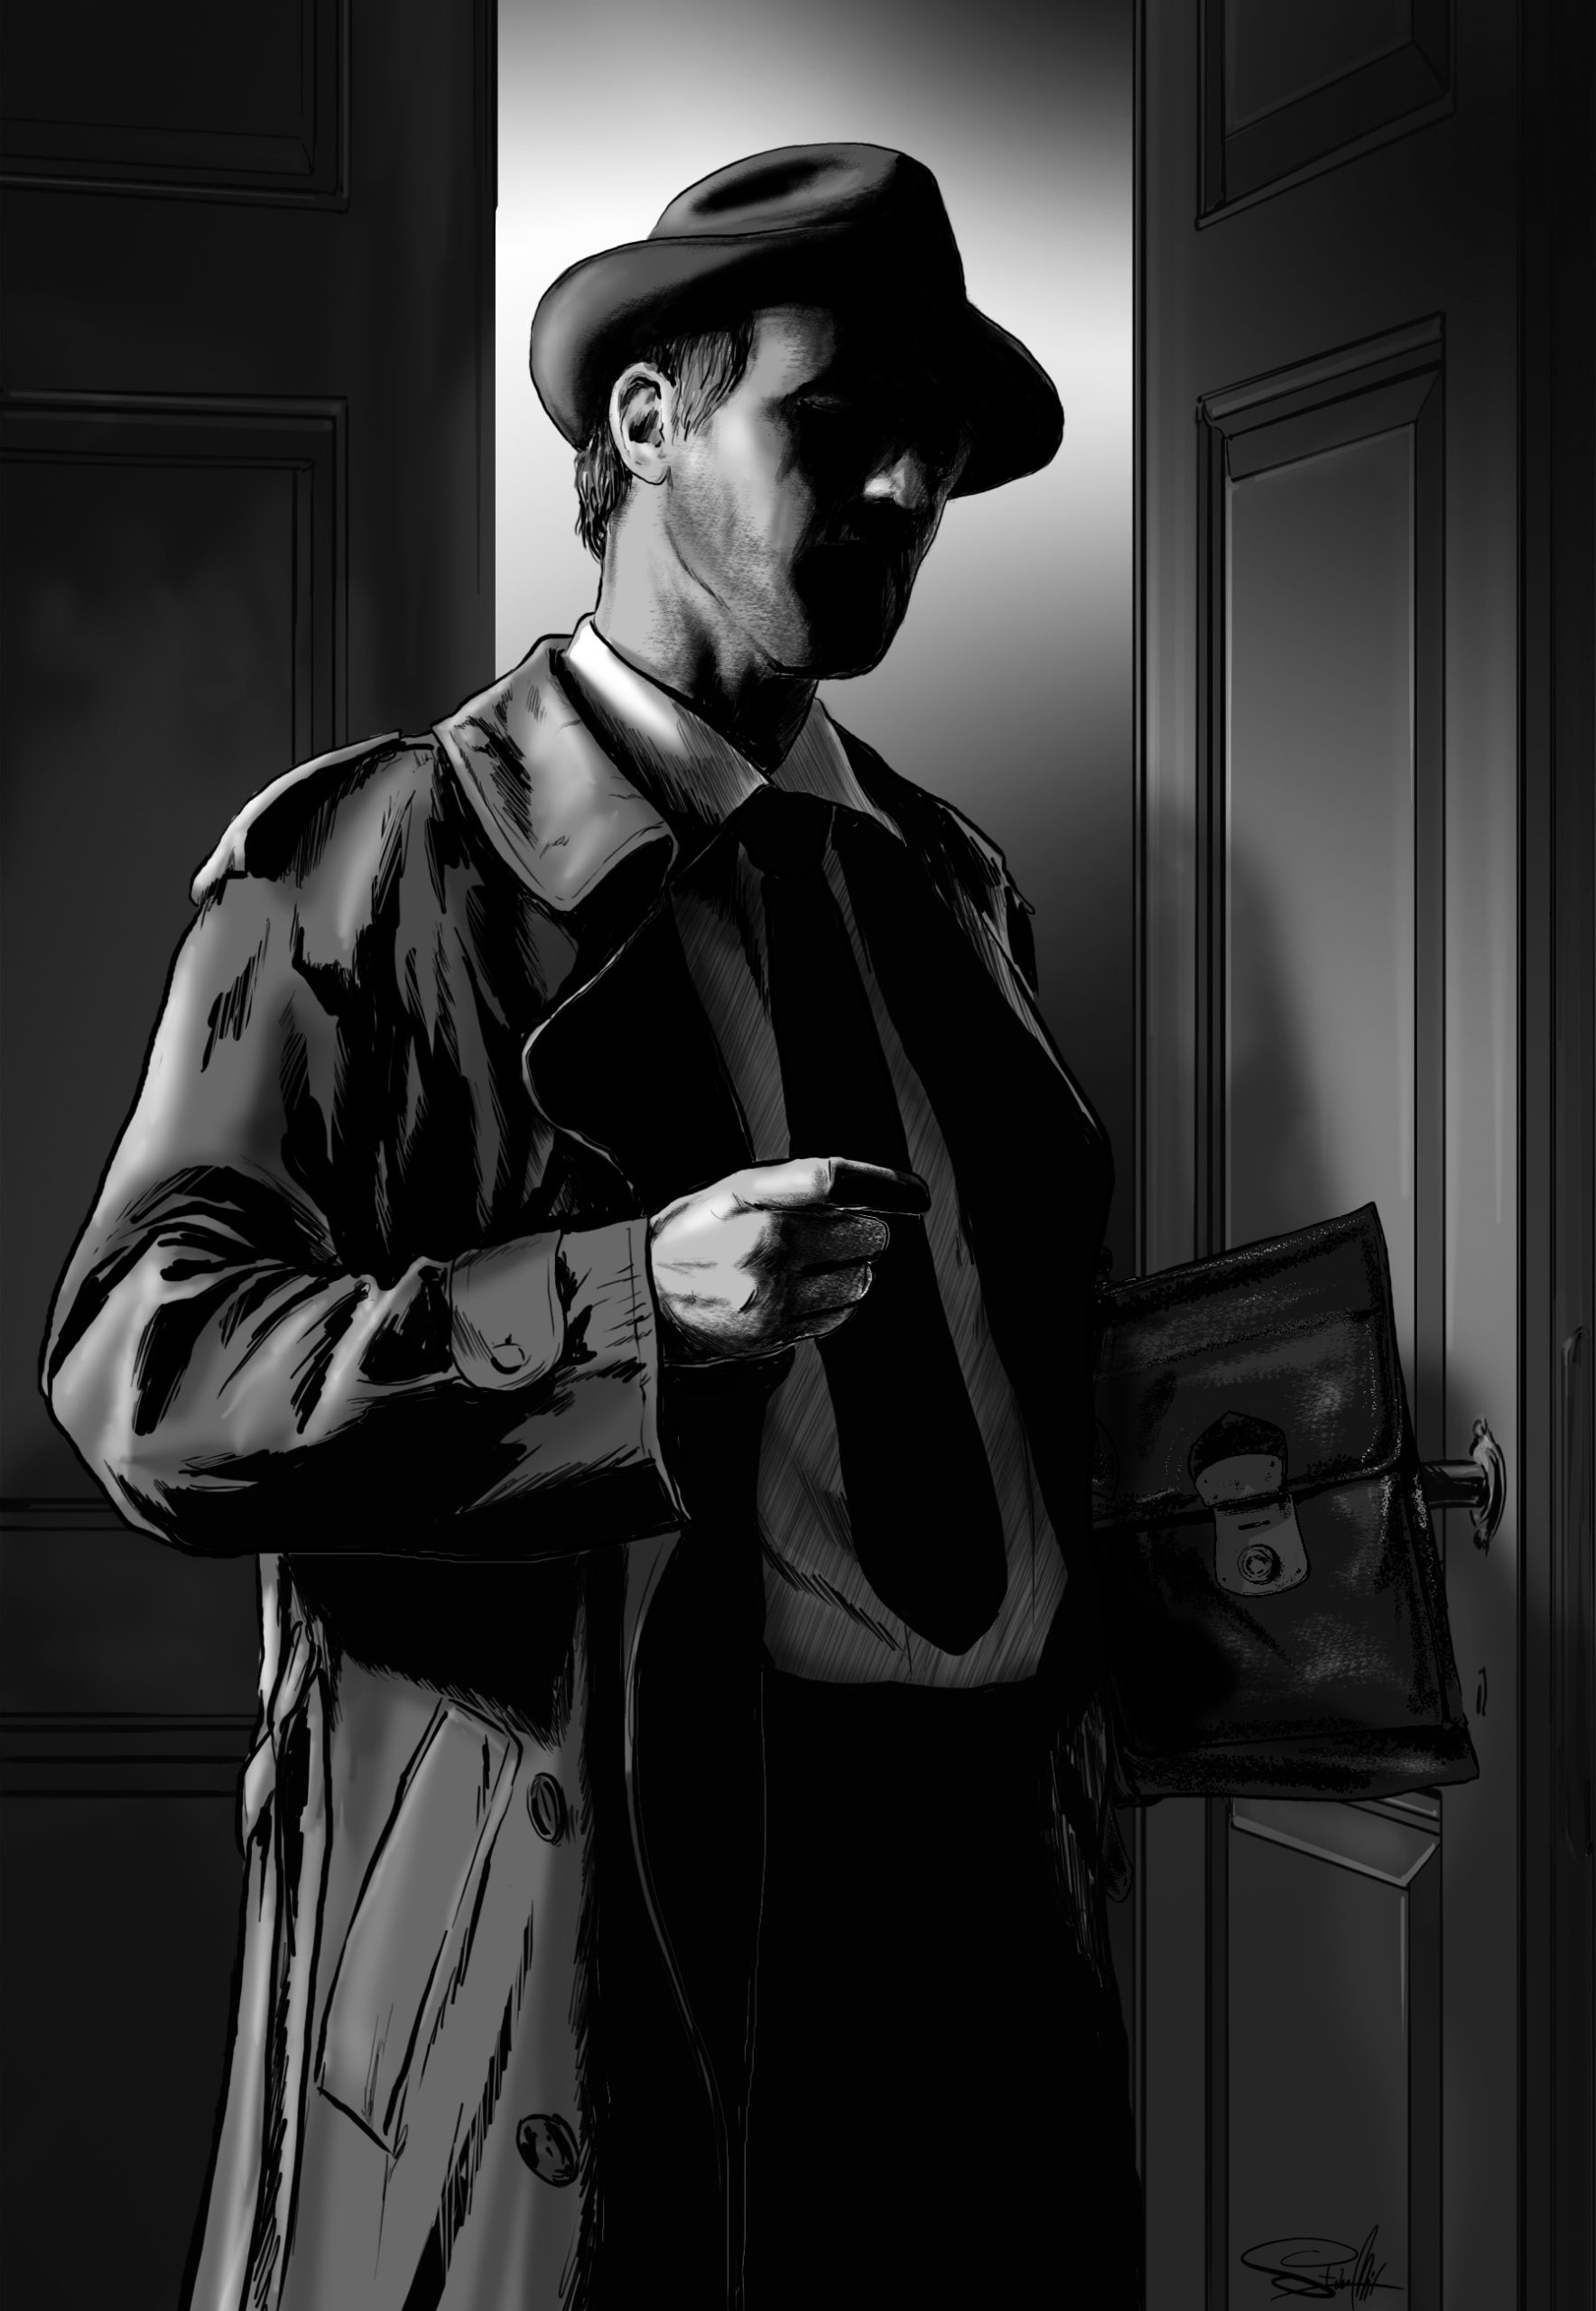 ilustracja mężczyzna wejście do pokoju